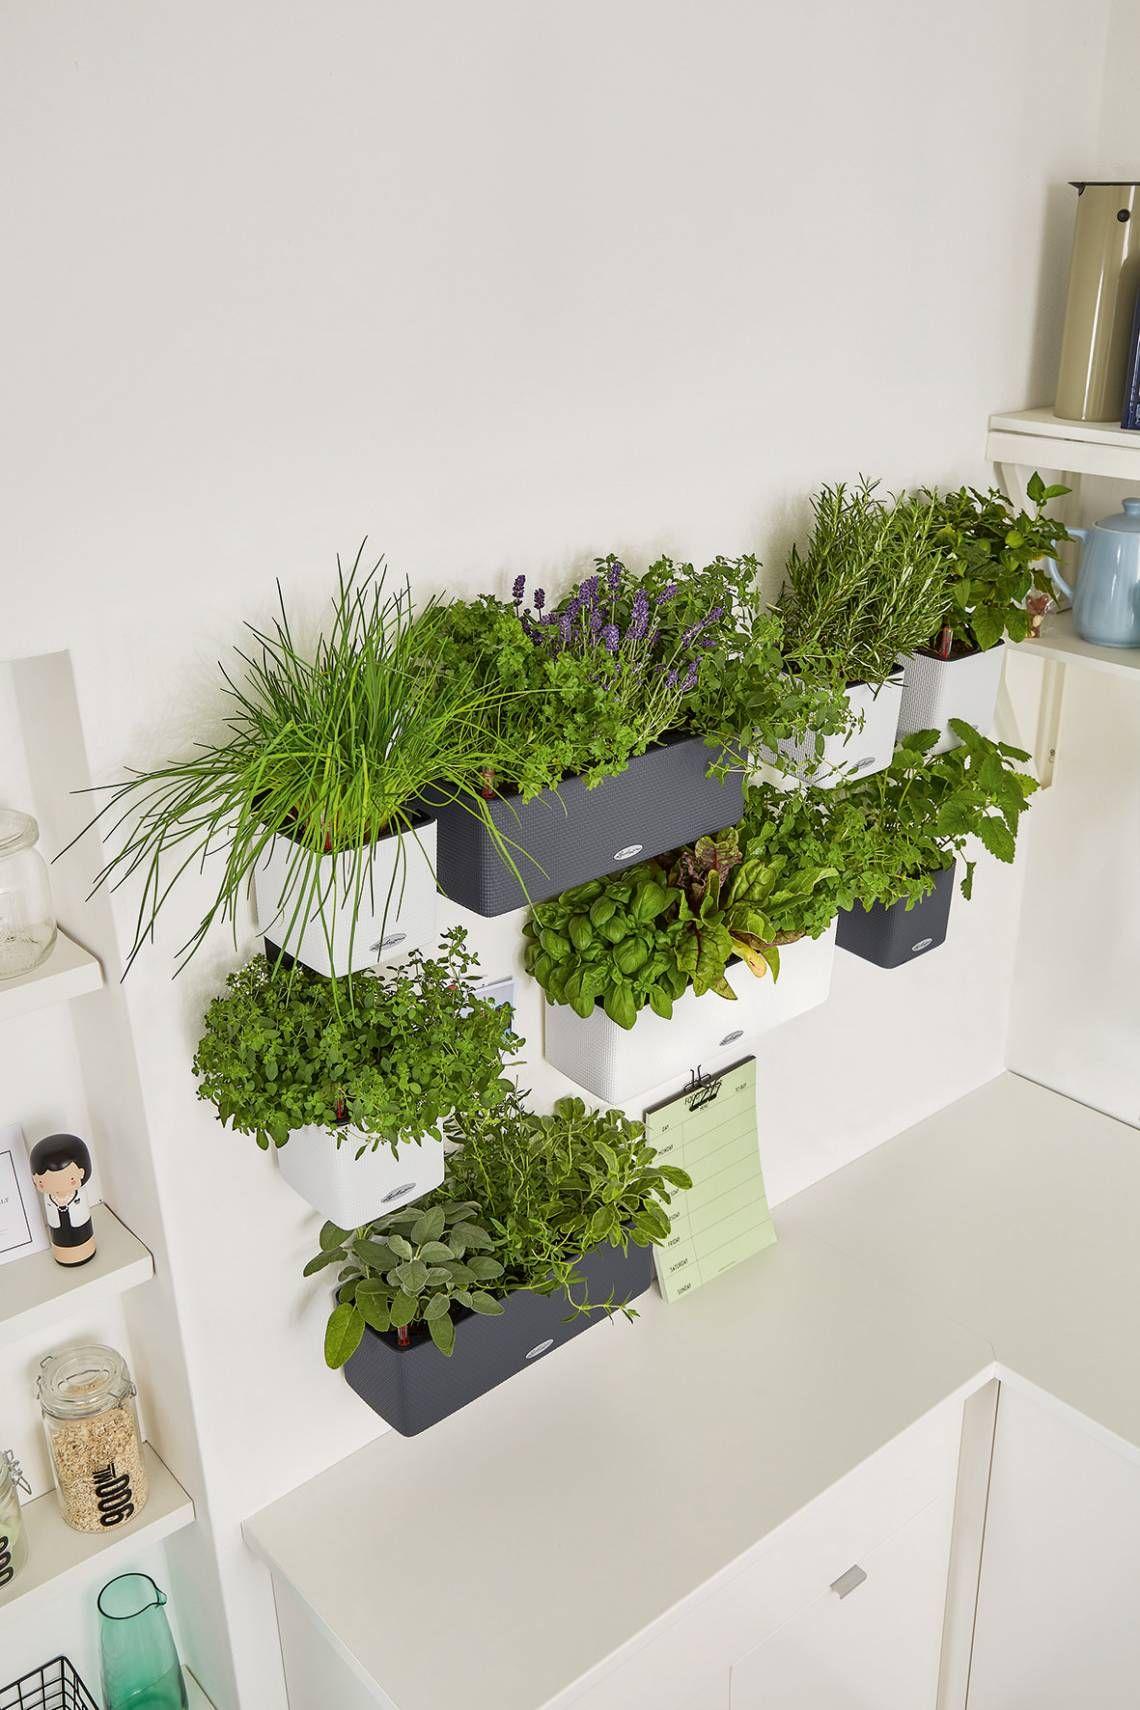 Full Size of Kräutertöpfe Krutertpfe Von Lechuza Cube 14 Colortriple Green Wall Pflanzen Wohnzimmer Kräutertöpfe